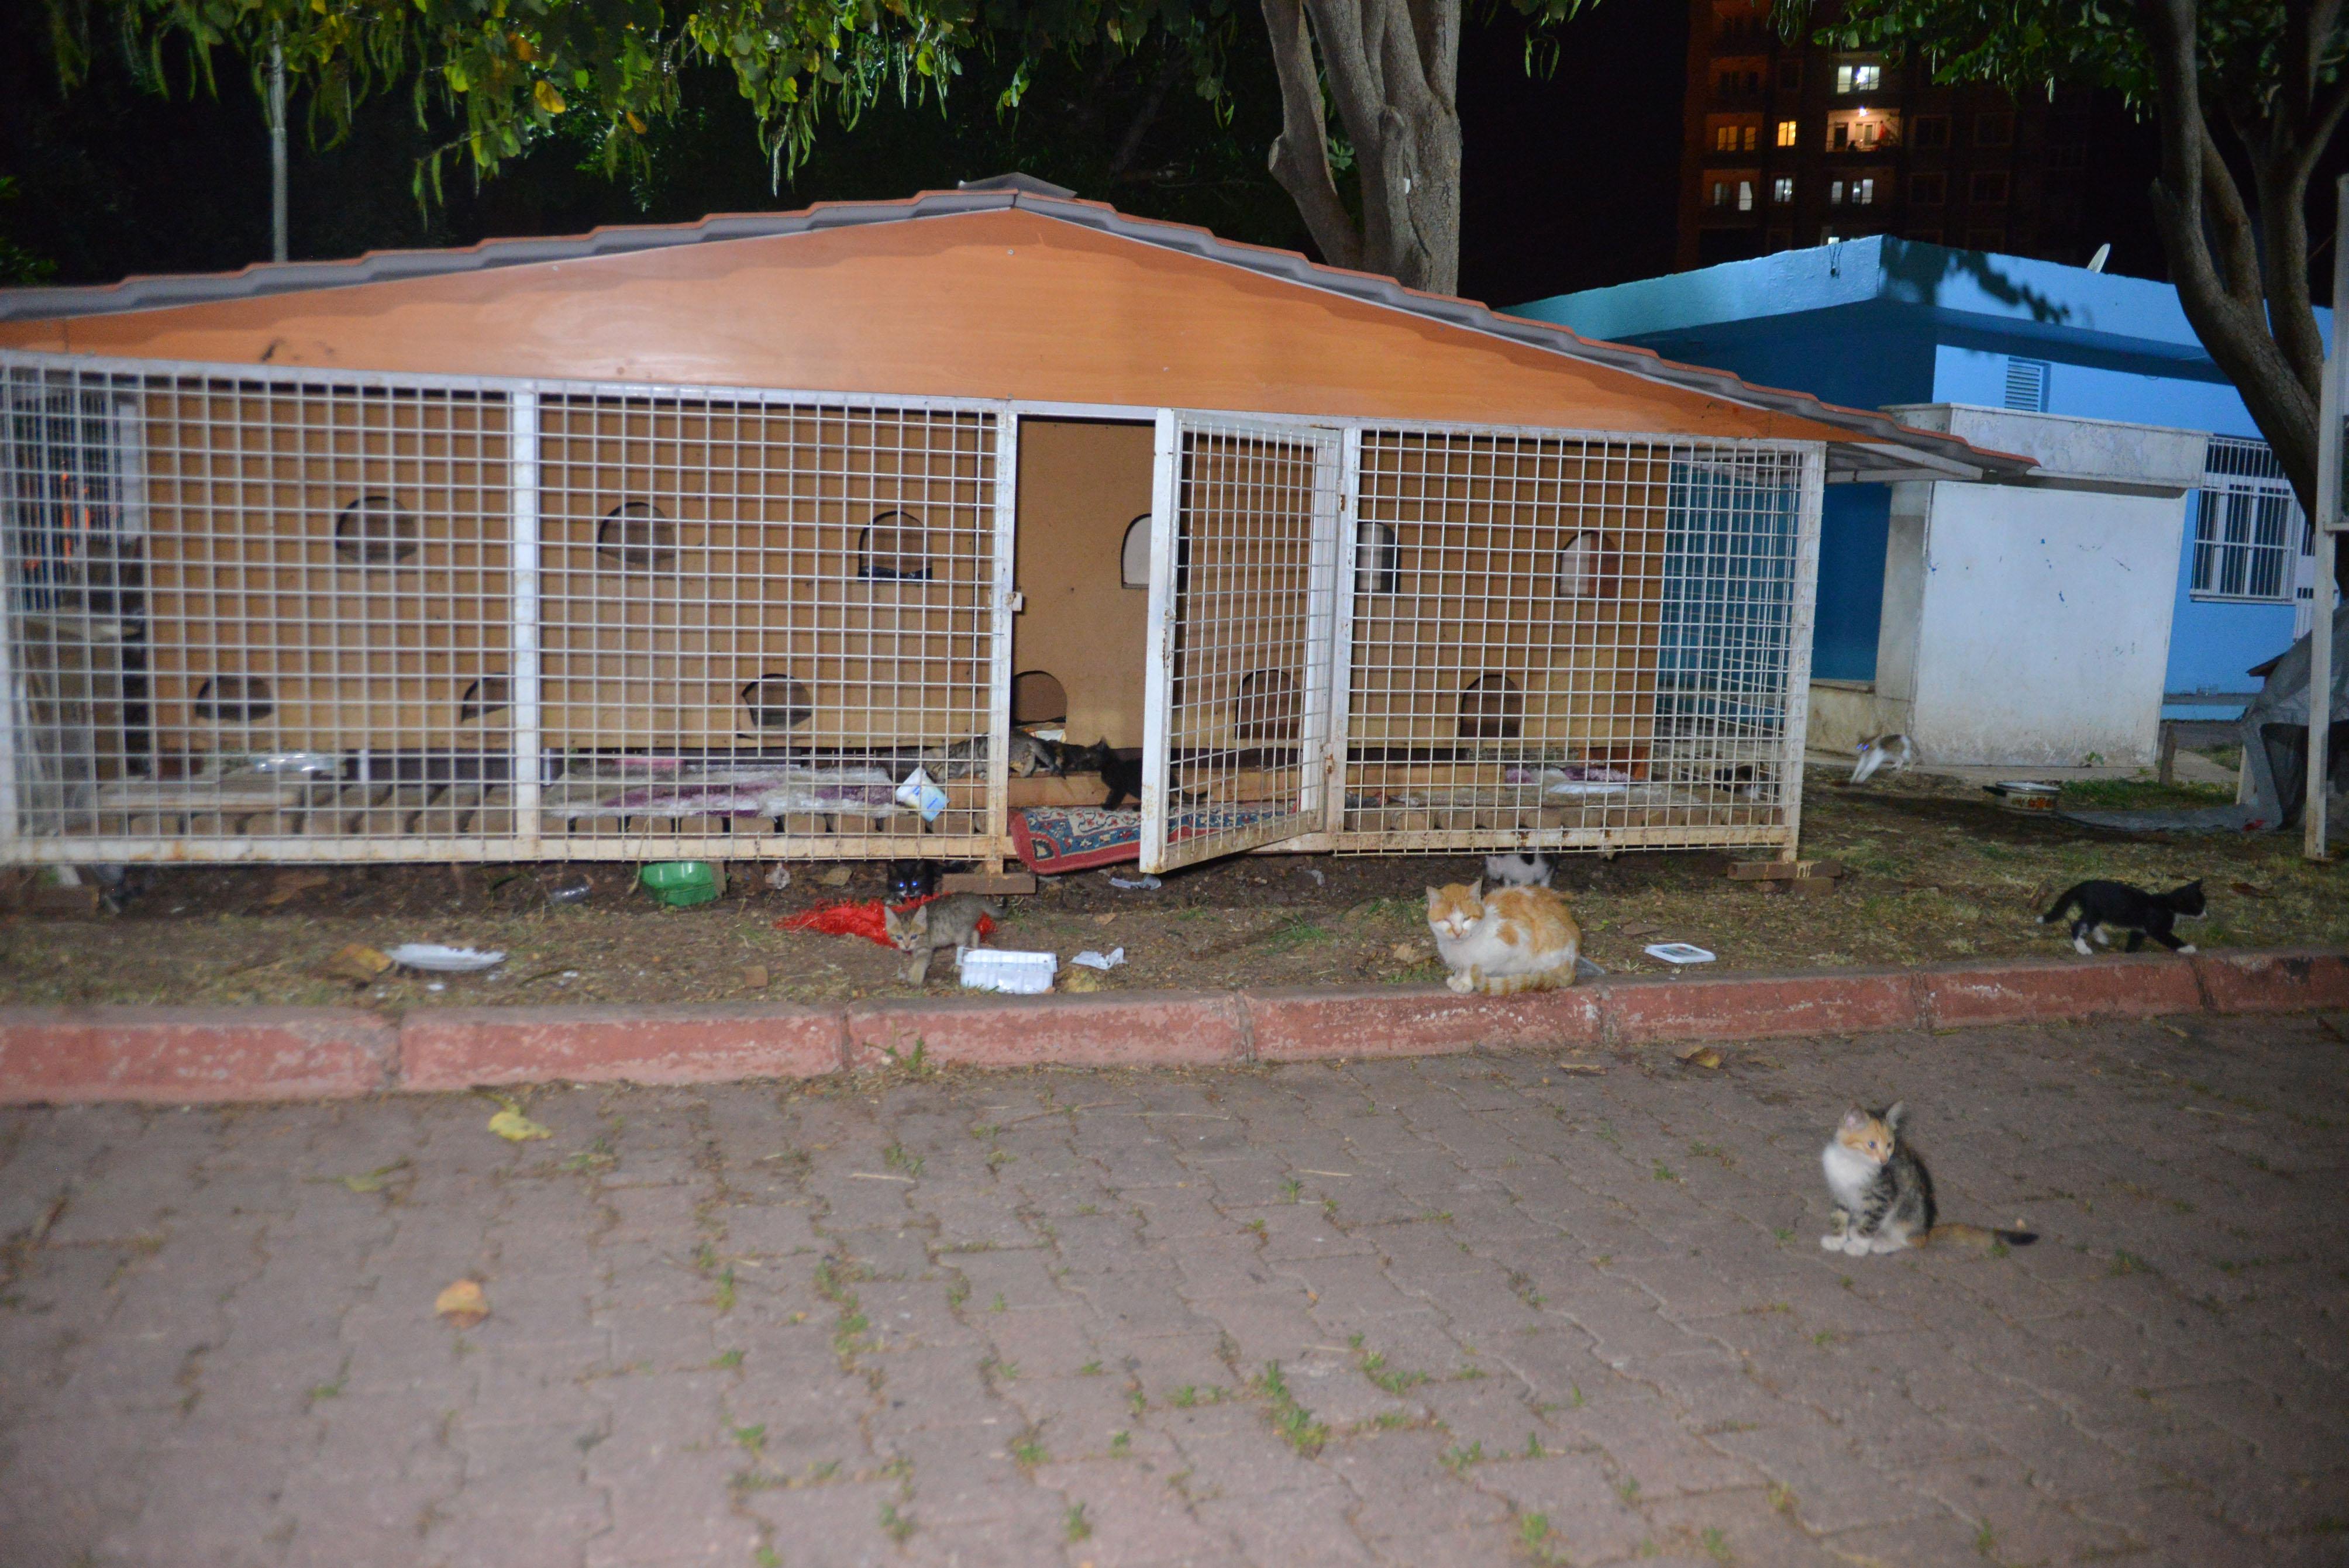 Böyle vicdansızlık görülmedi! 6 yavru kedi ve annesi ölü bulundu